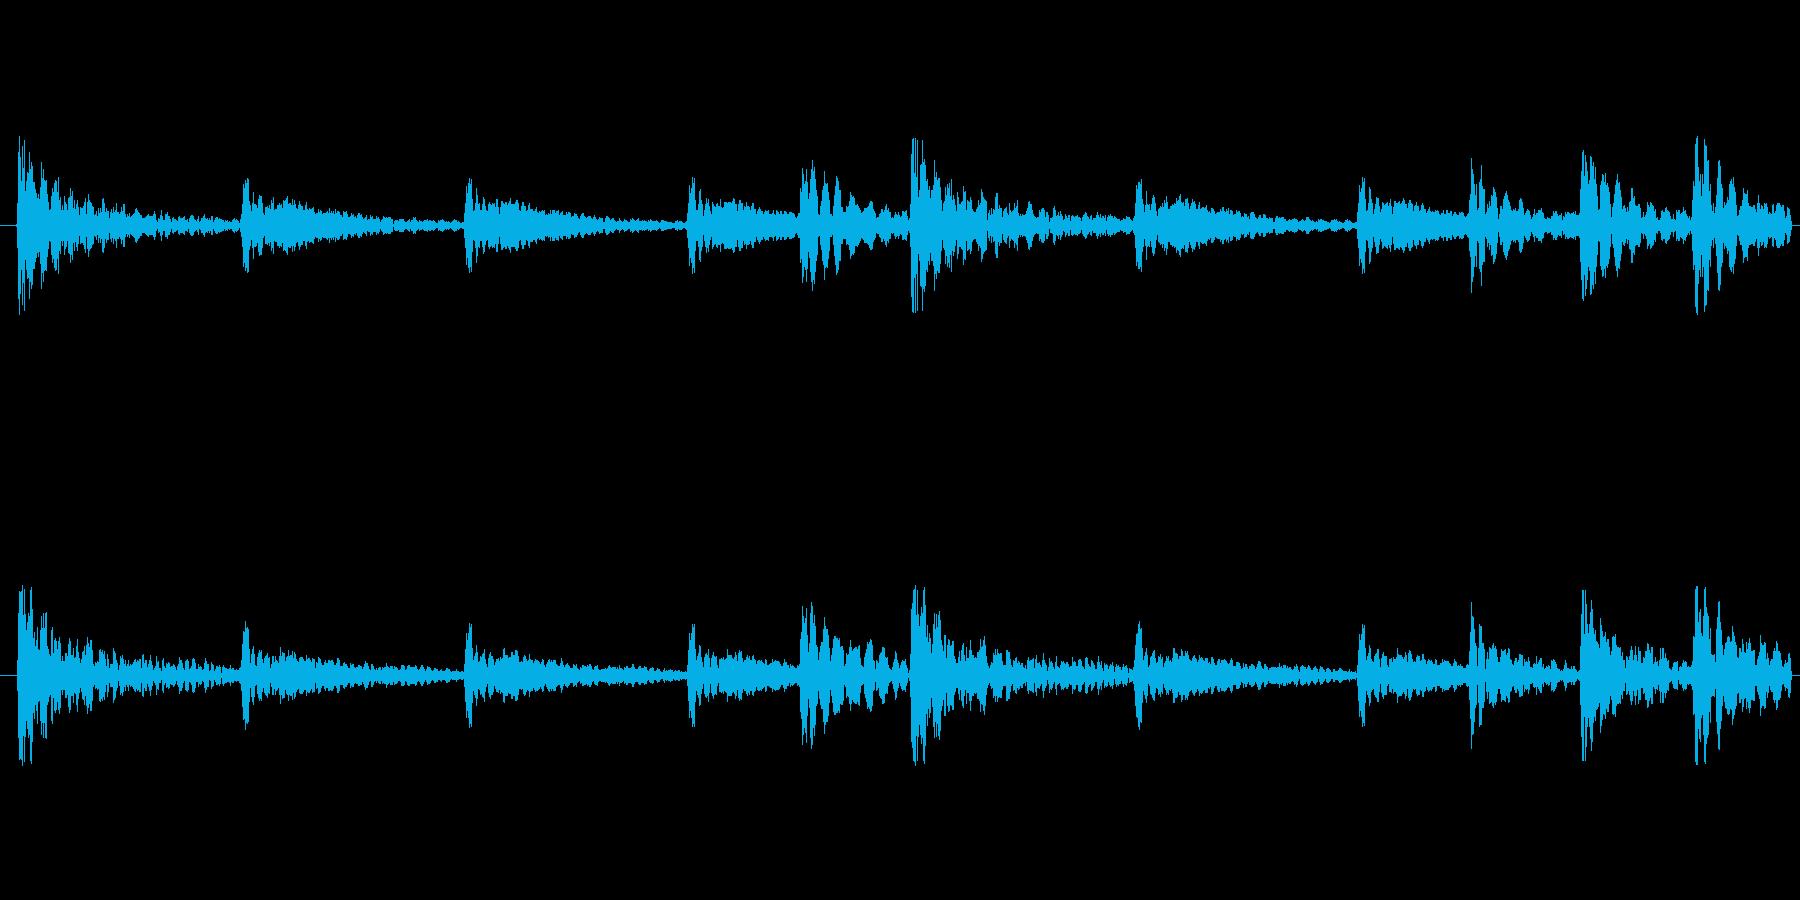 和太鼓のみループ時代劇侍の再生済みの波形